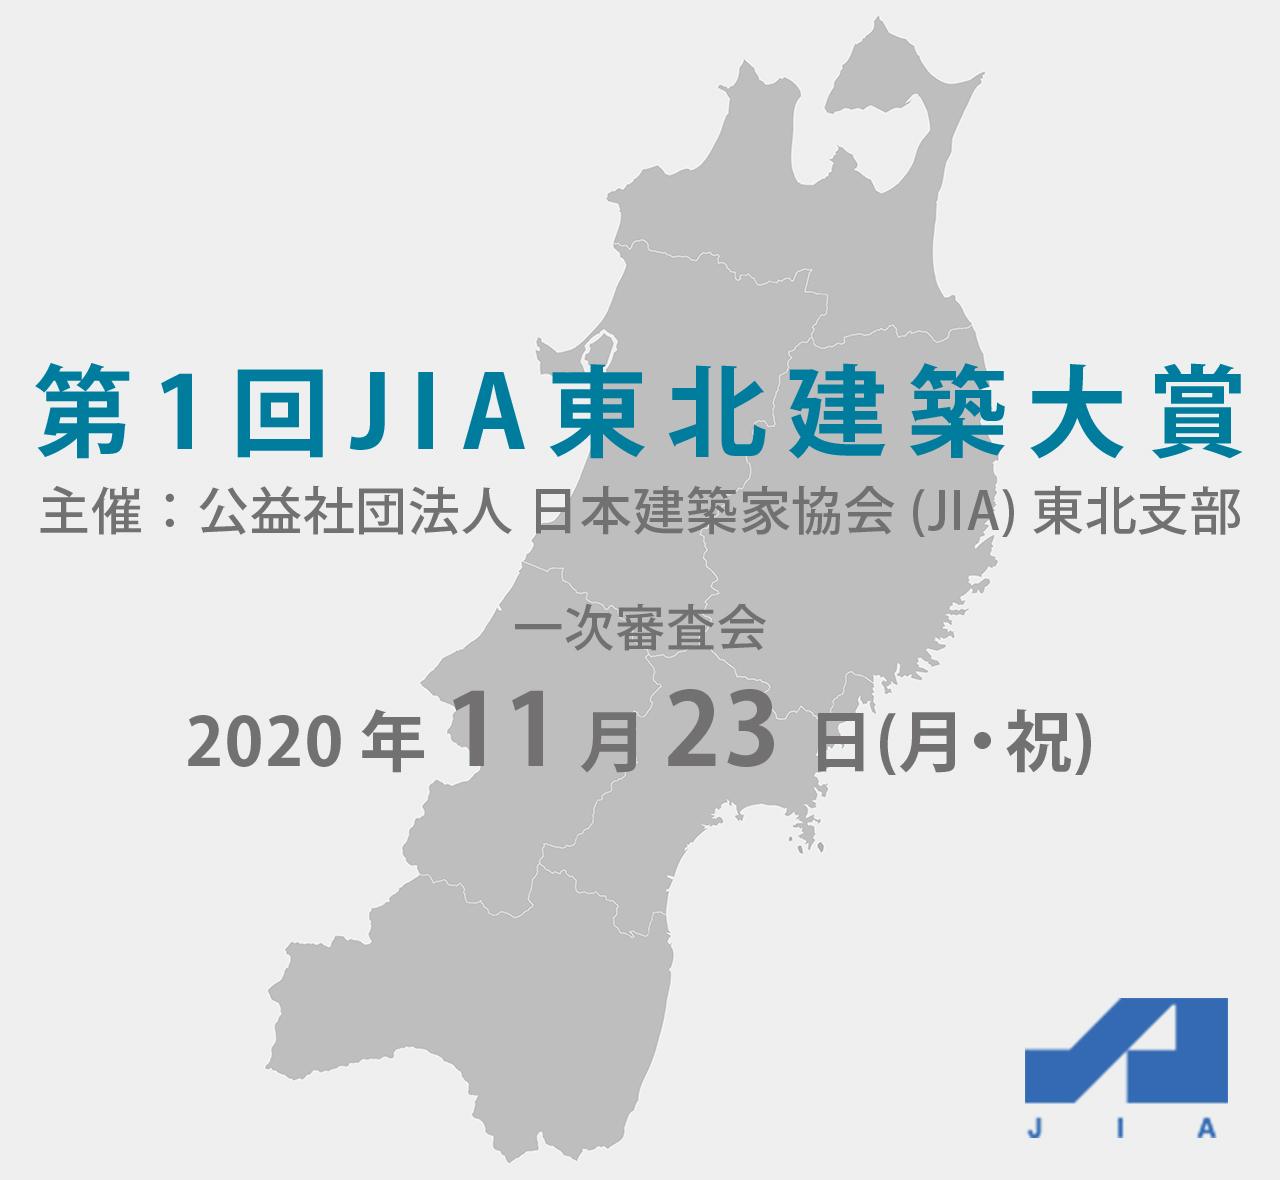 JIA 日本建築家協会 東北支部 | JIA 日本建築家協会 東北支部